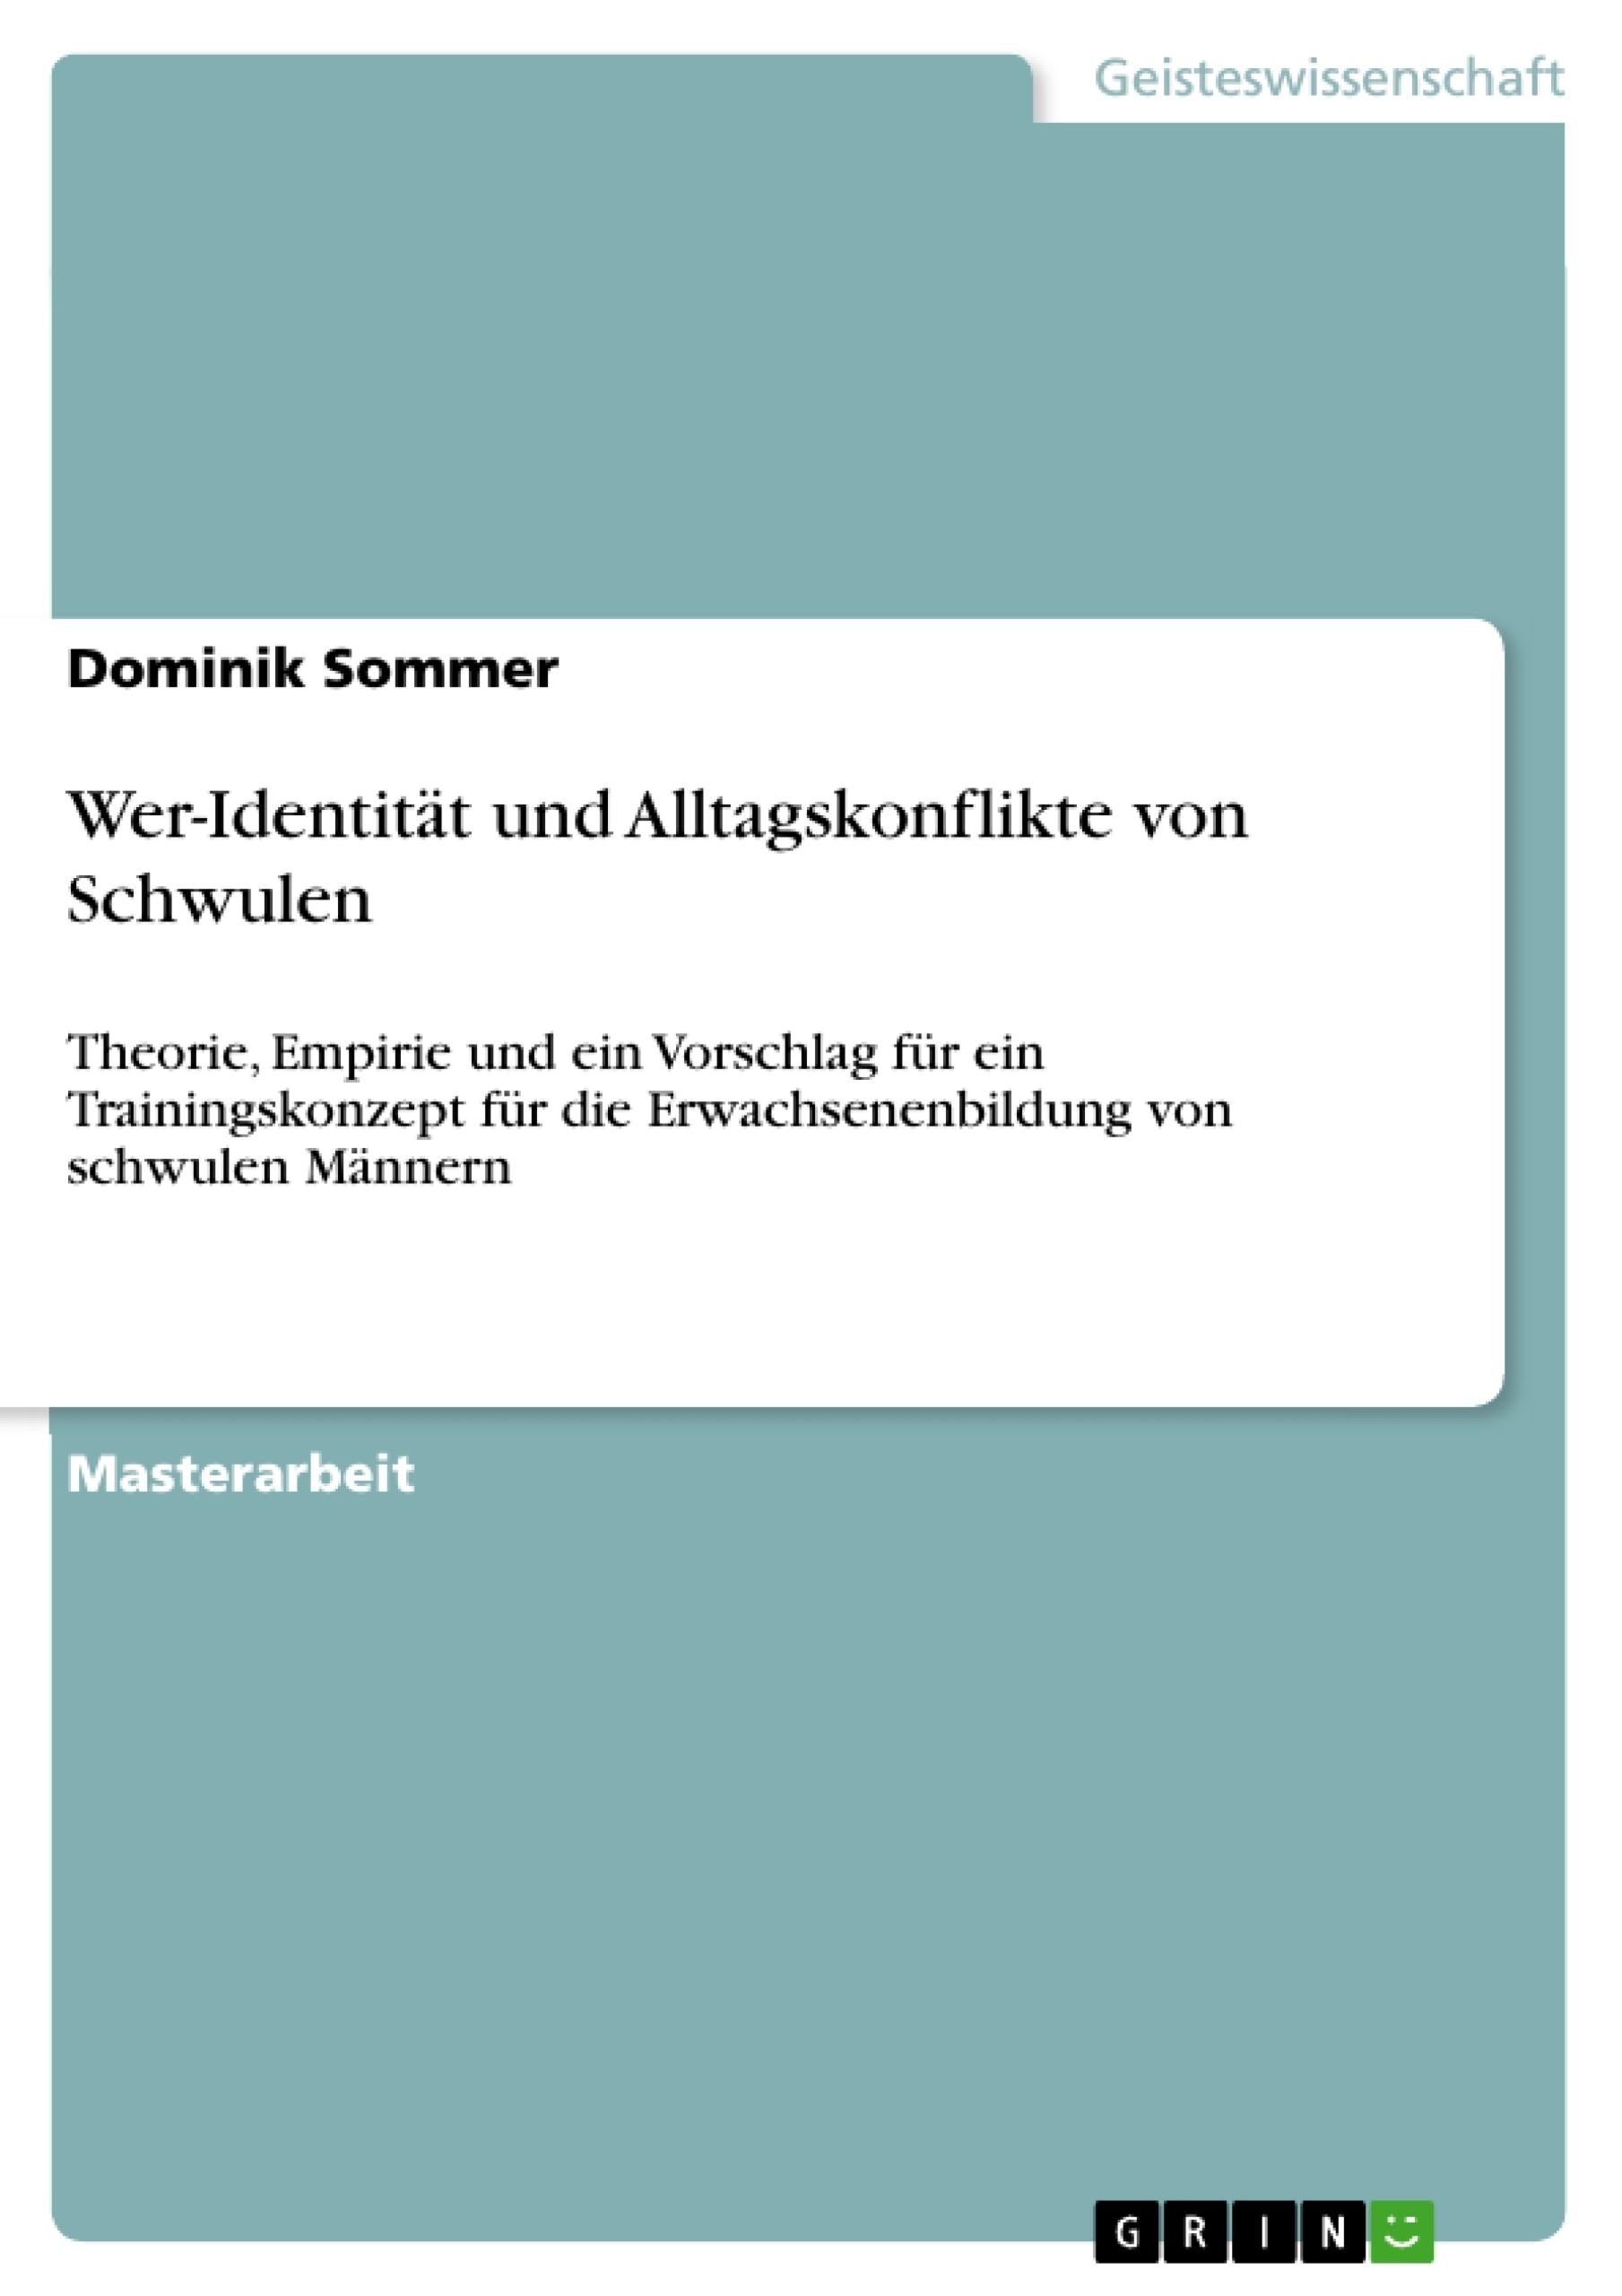 Titel: Wer-Identität und Alltagskonflikte von Schwulen